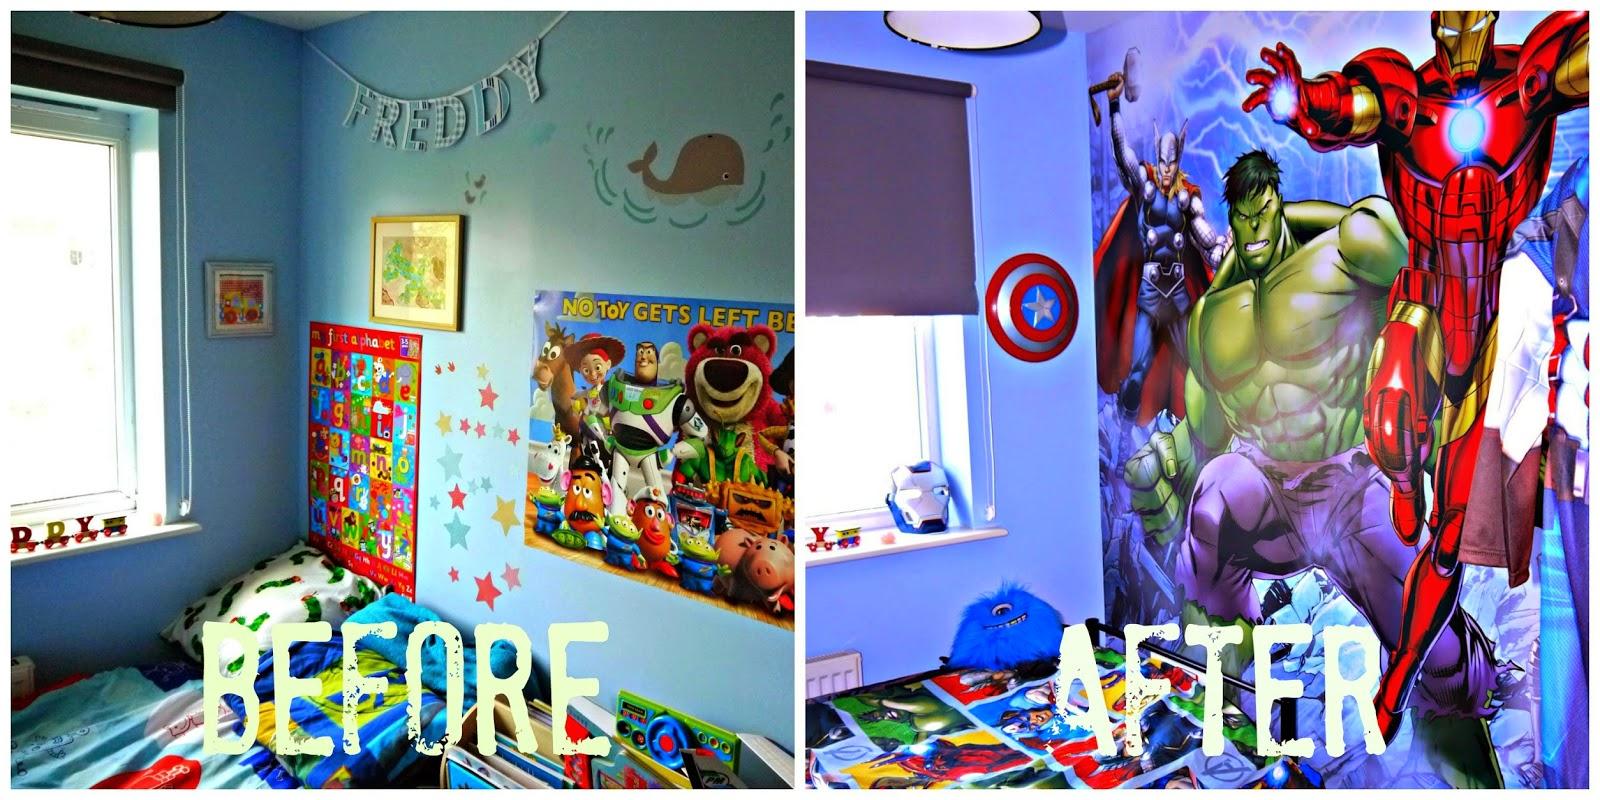 Inside the Wendy House: Freddy's Avenger's Bedroom